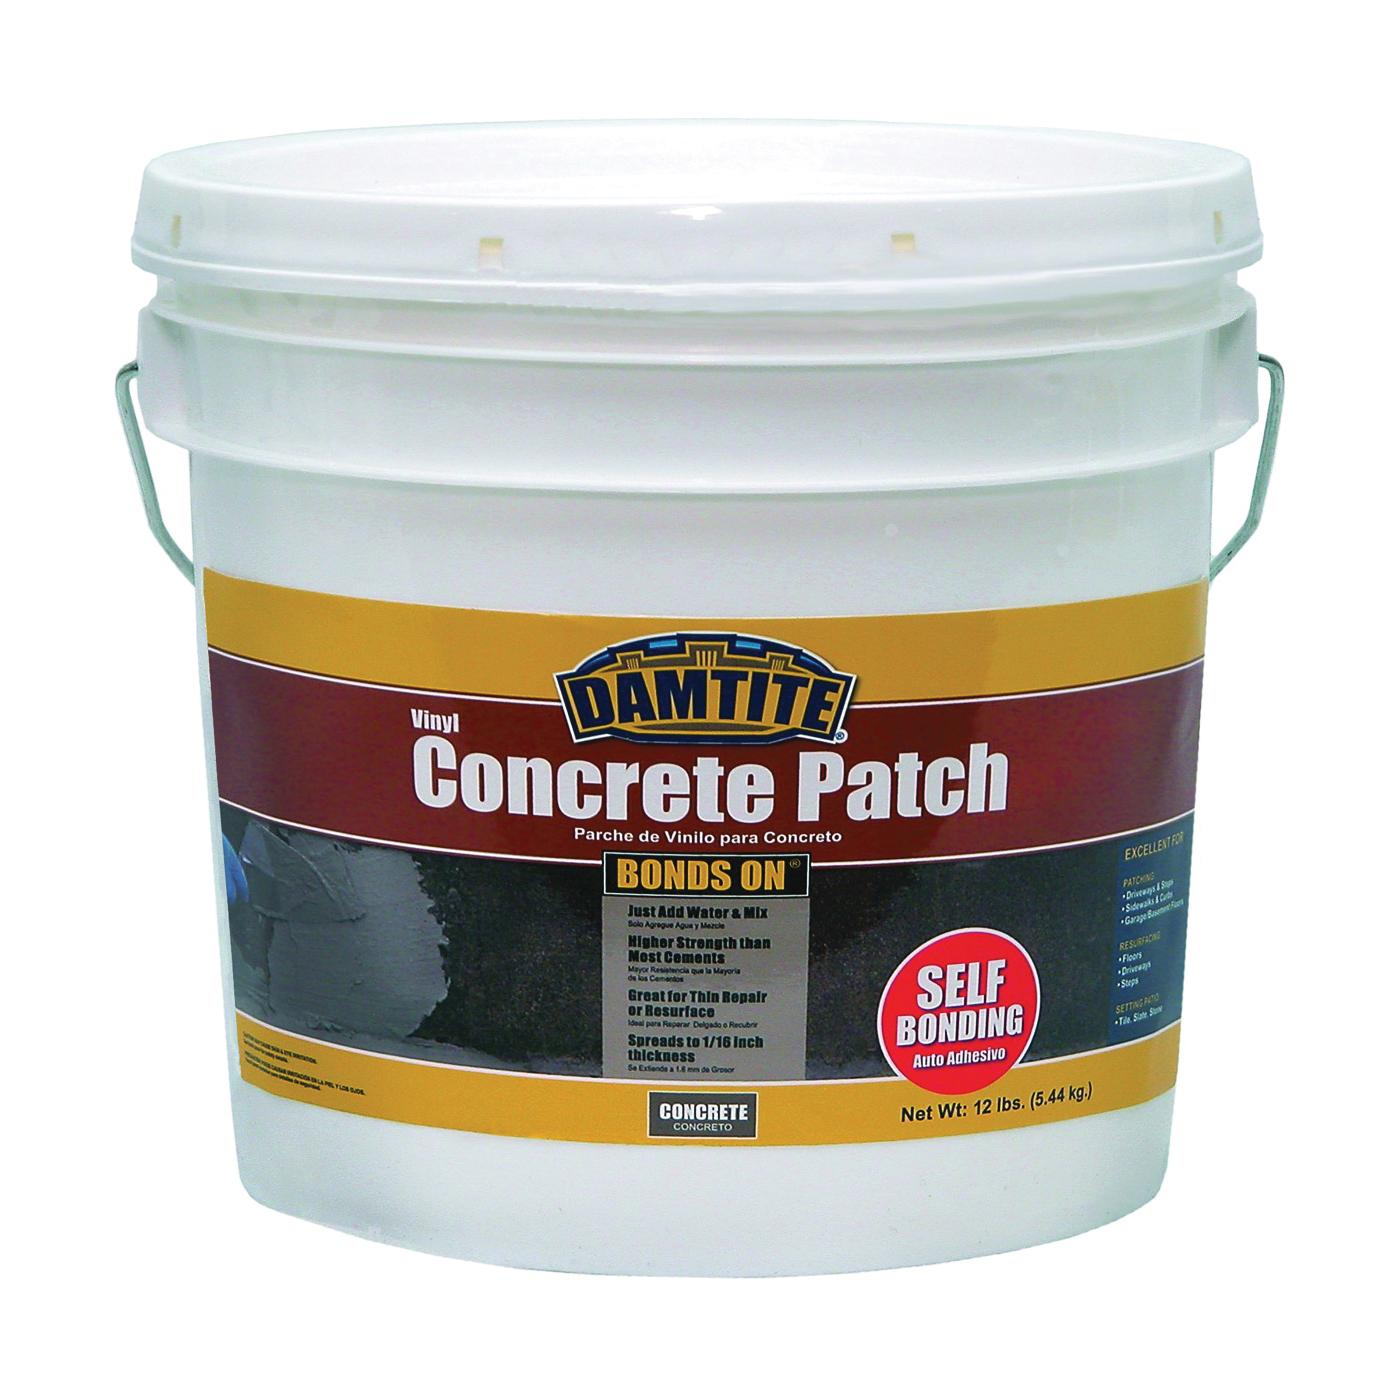 Picture of DAMTITE 04012 Vinyl Concrete Patch, Gray, 12 lb Package, Pail